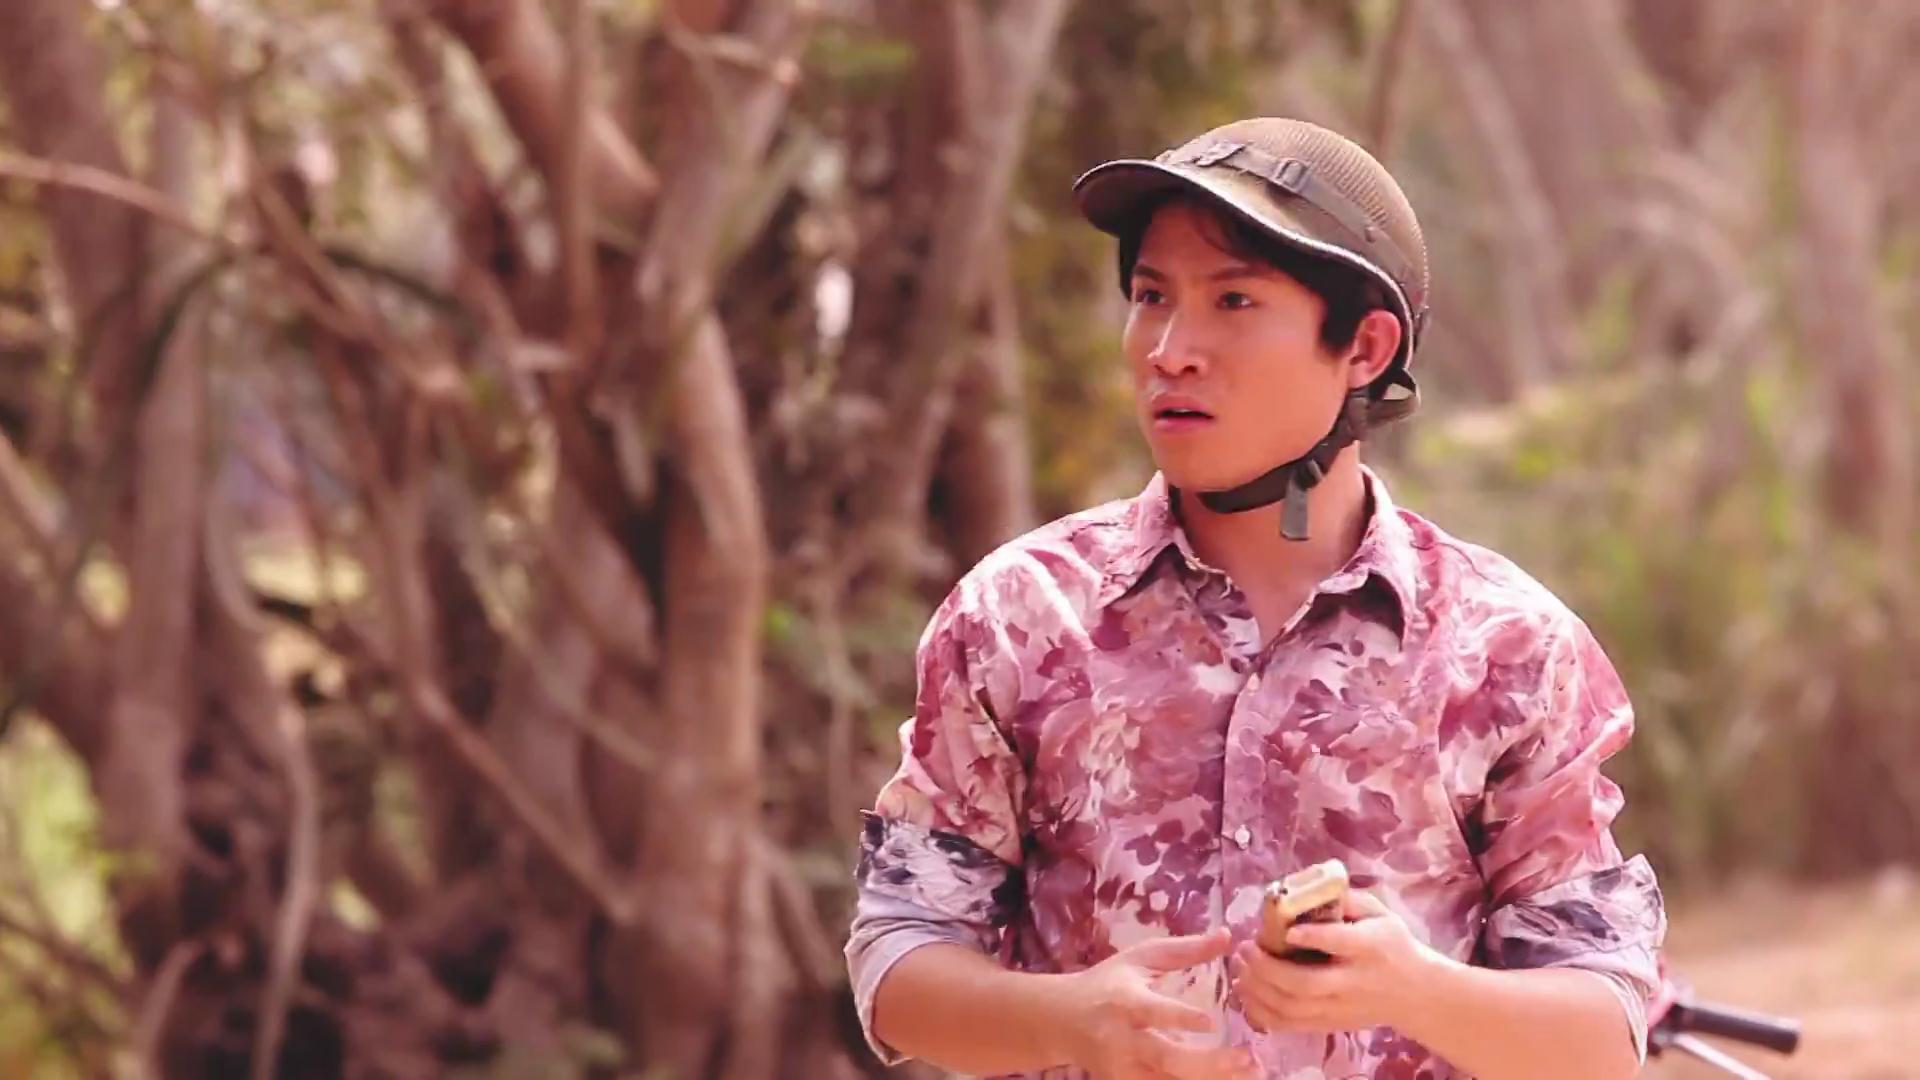 Kỵ Tuổi - Cao Đại Hưng, Nhật Khánh